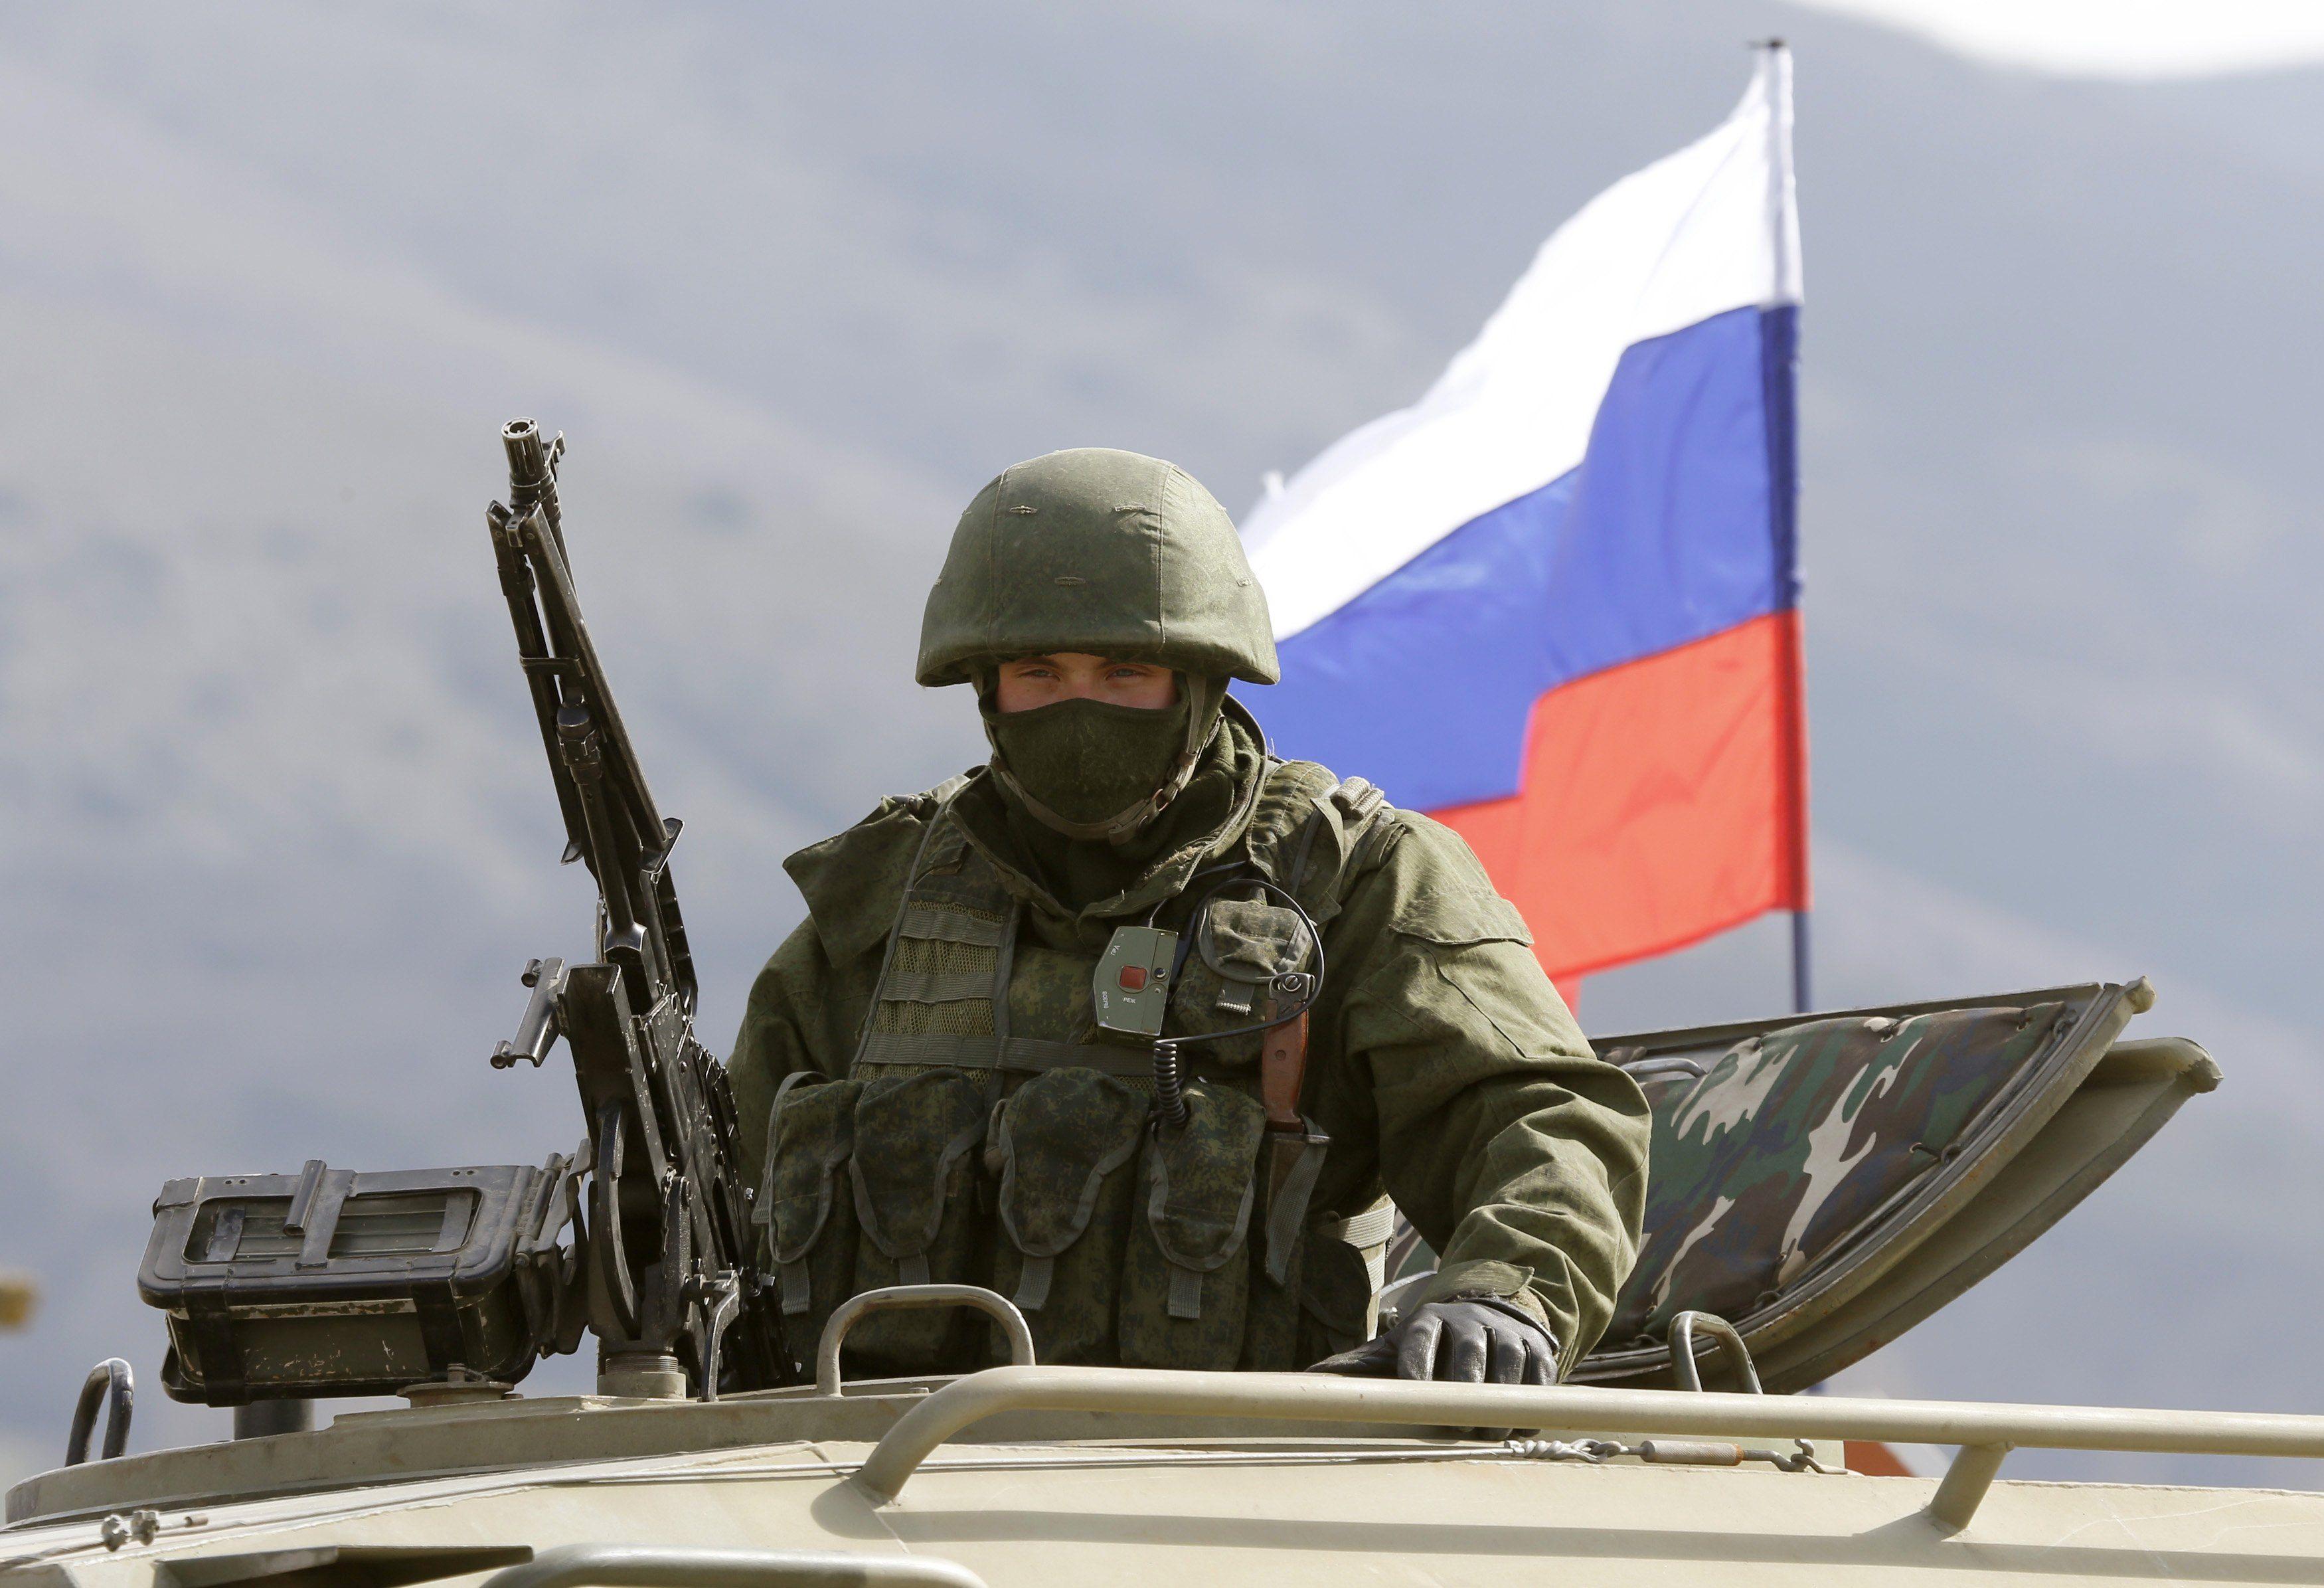 картинки военный флаг россии популярностью сегодня